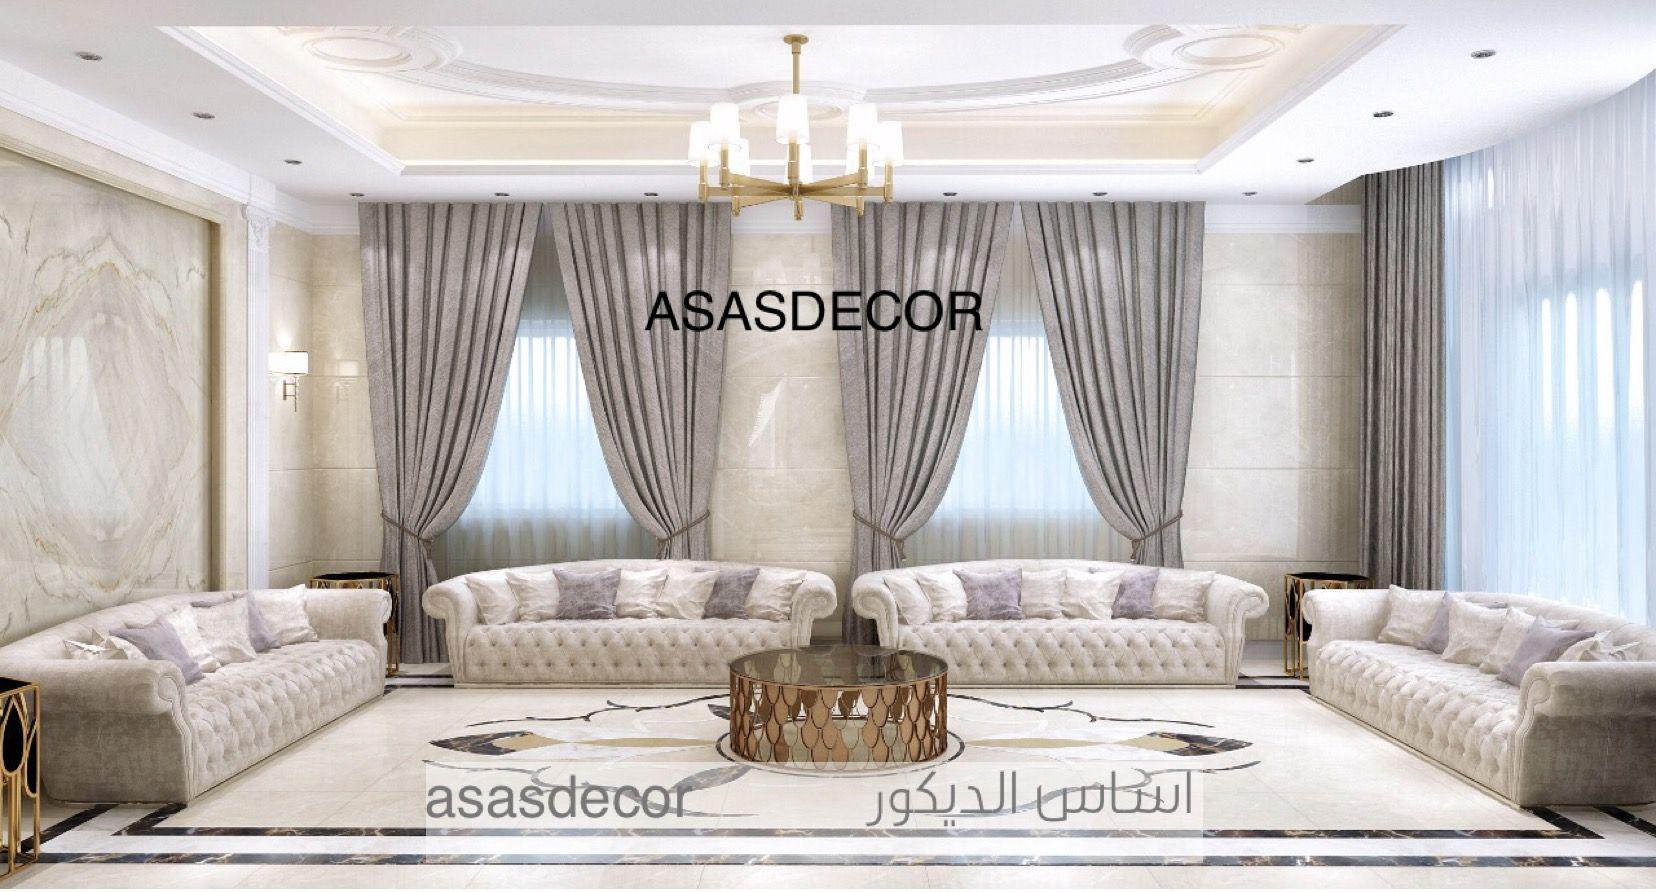 اساس الديكور متخصصون في التصميم الداخلي والخارجي مع التنفيذ والاشراف للتواصل 0506006668 تابعونا على السناب Asas Decor دي Home Decor Home Decor